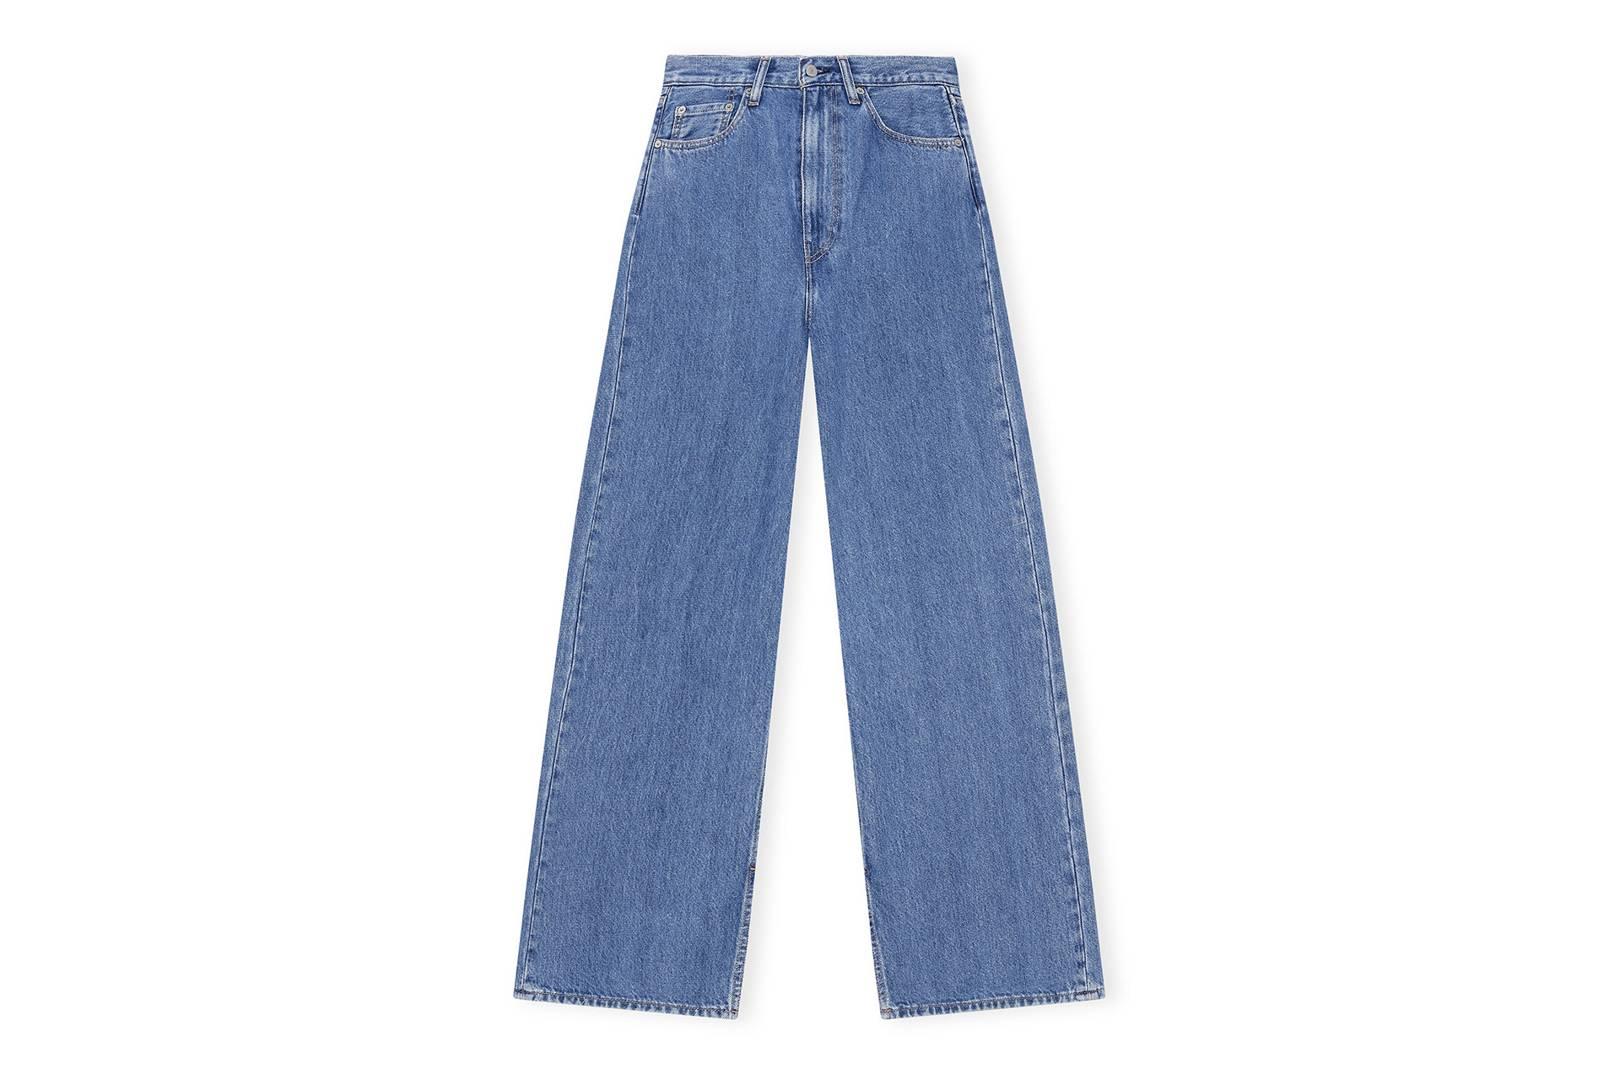 Ganni X Levi's Medium Indigo Denim Jeans, £255,